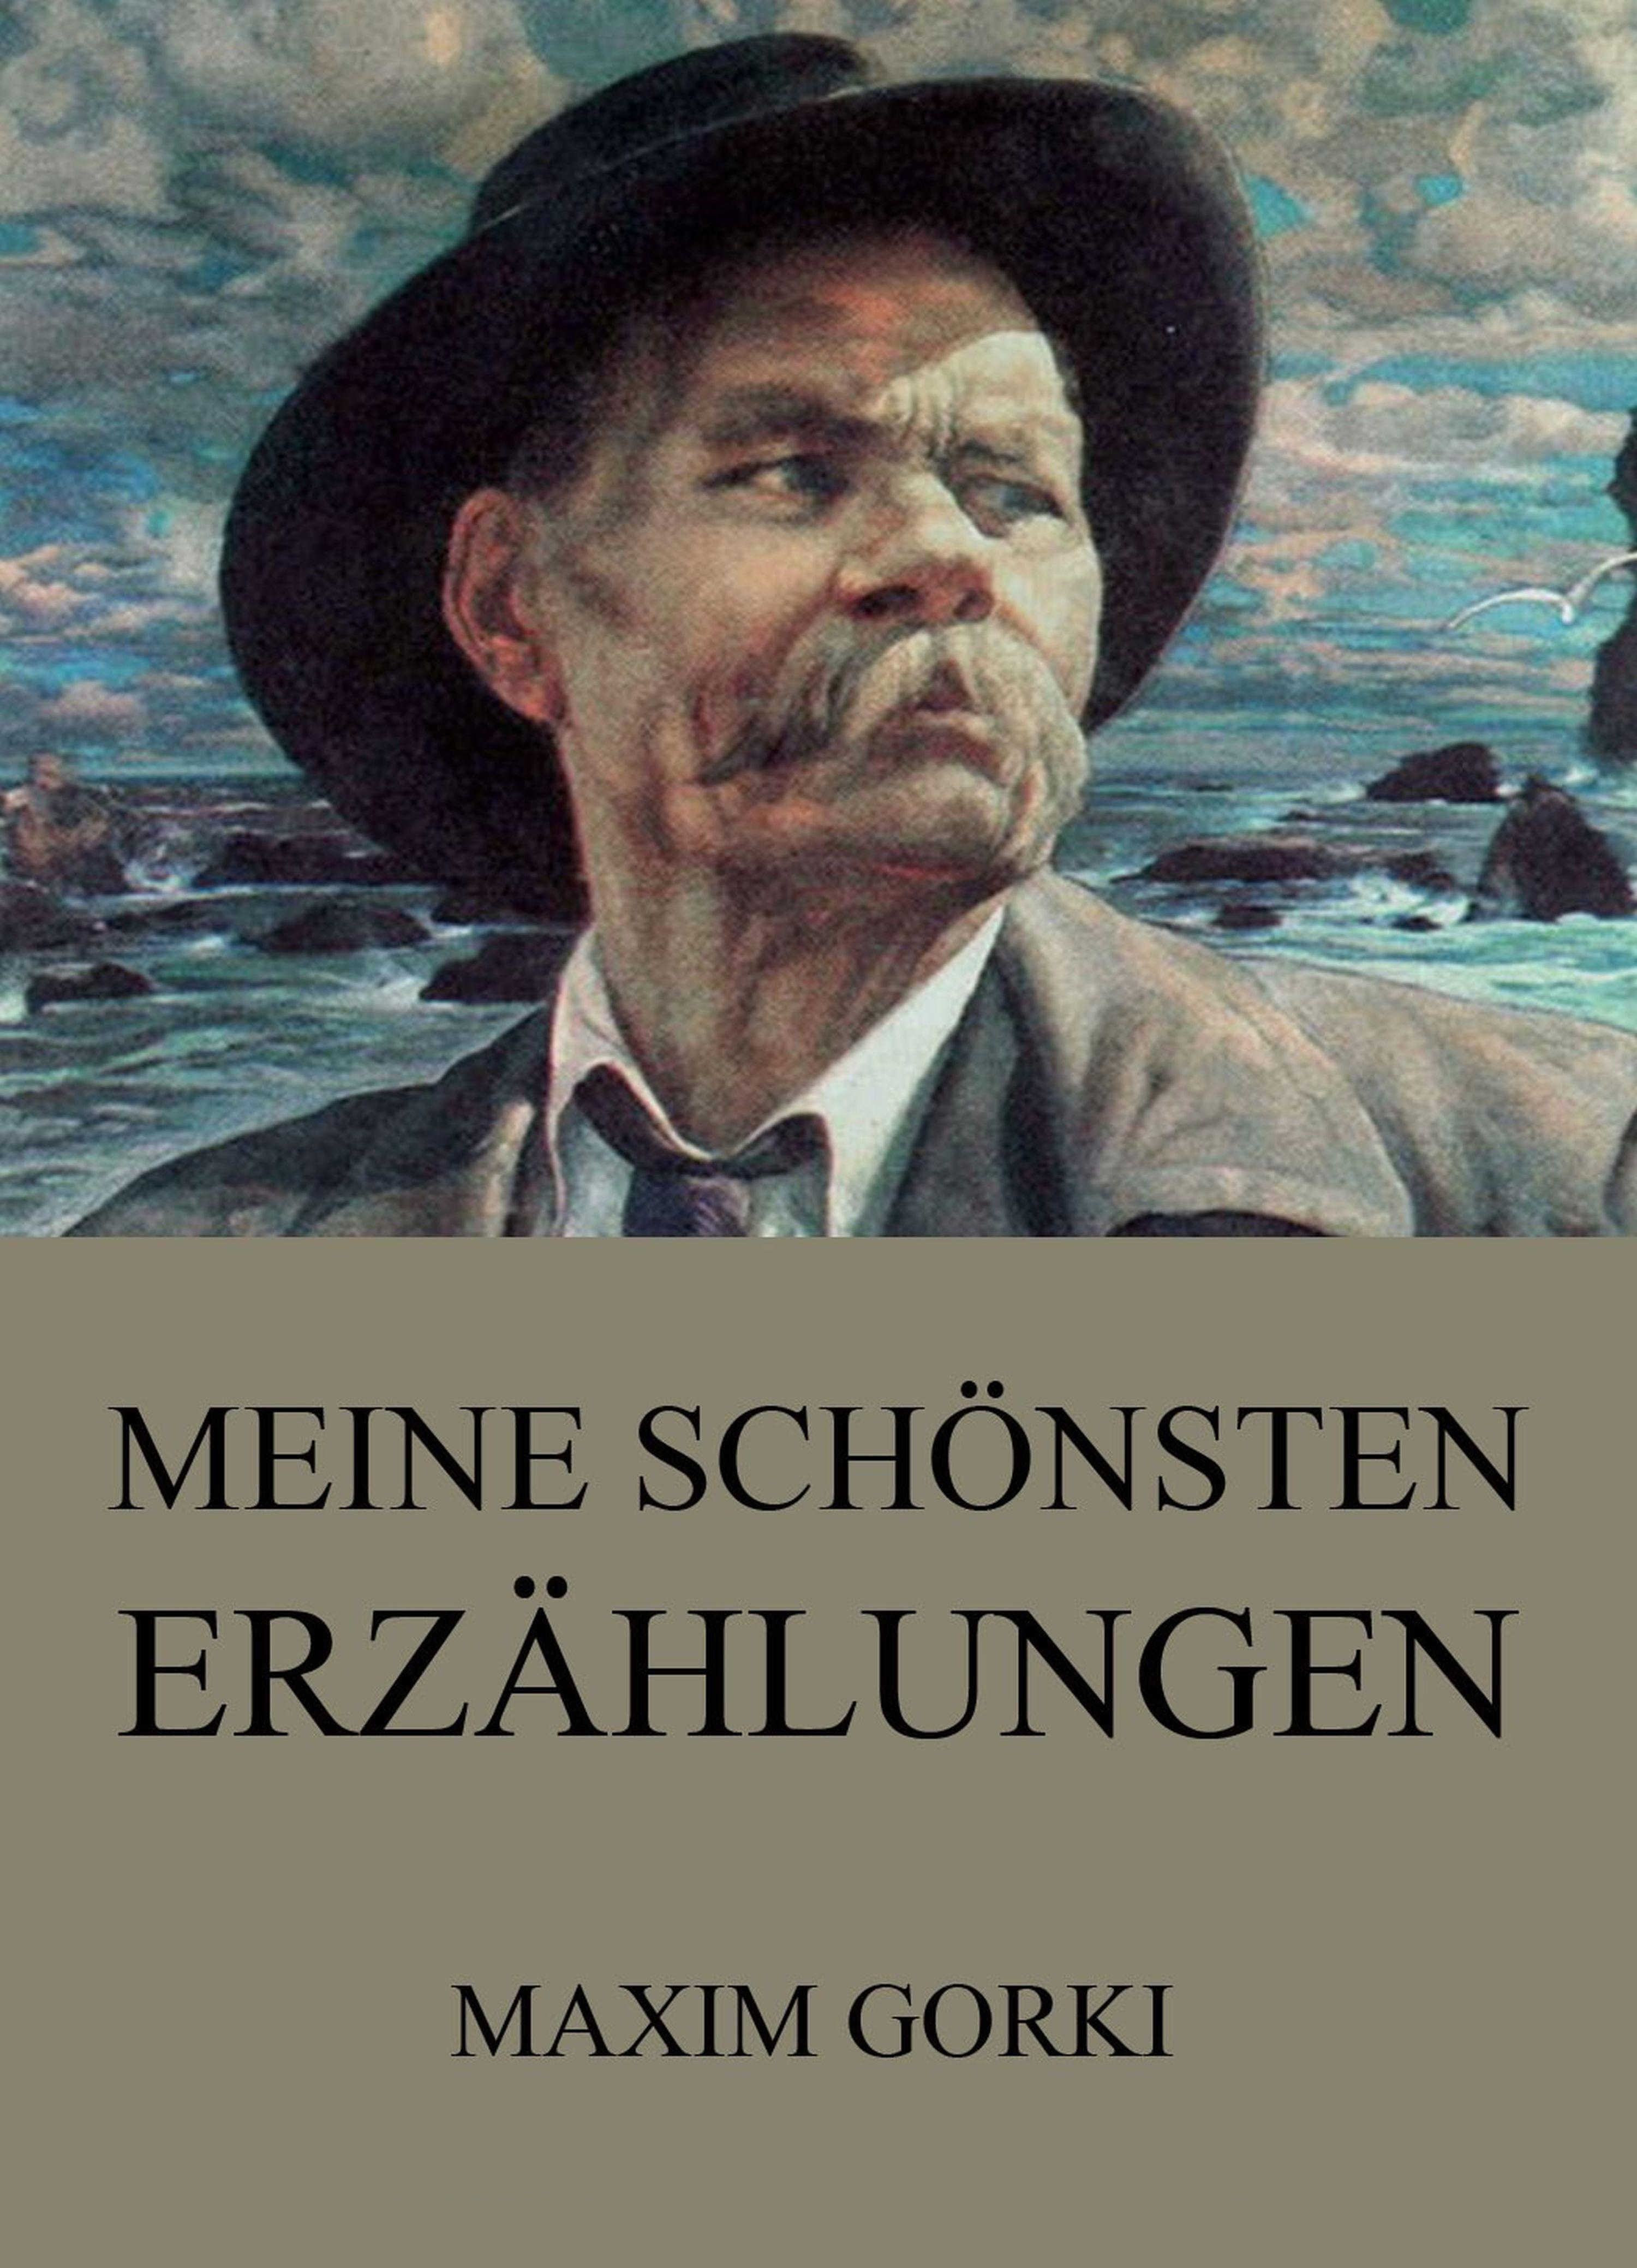 Maxim Gorki Meine schönsten Erzählungen